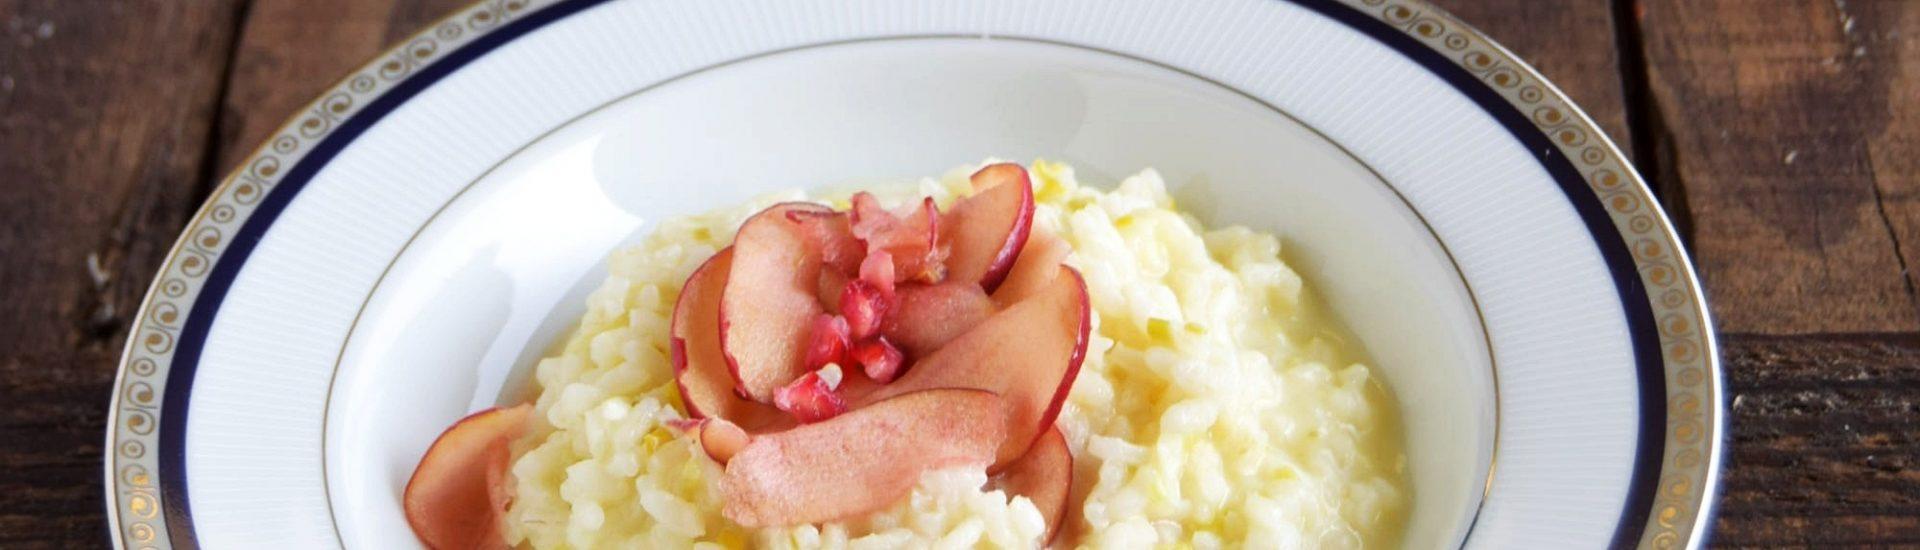 Risotto porri e taleggio con mele marinate alla melagrana e miele